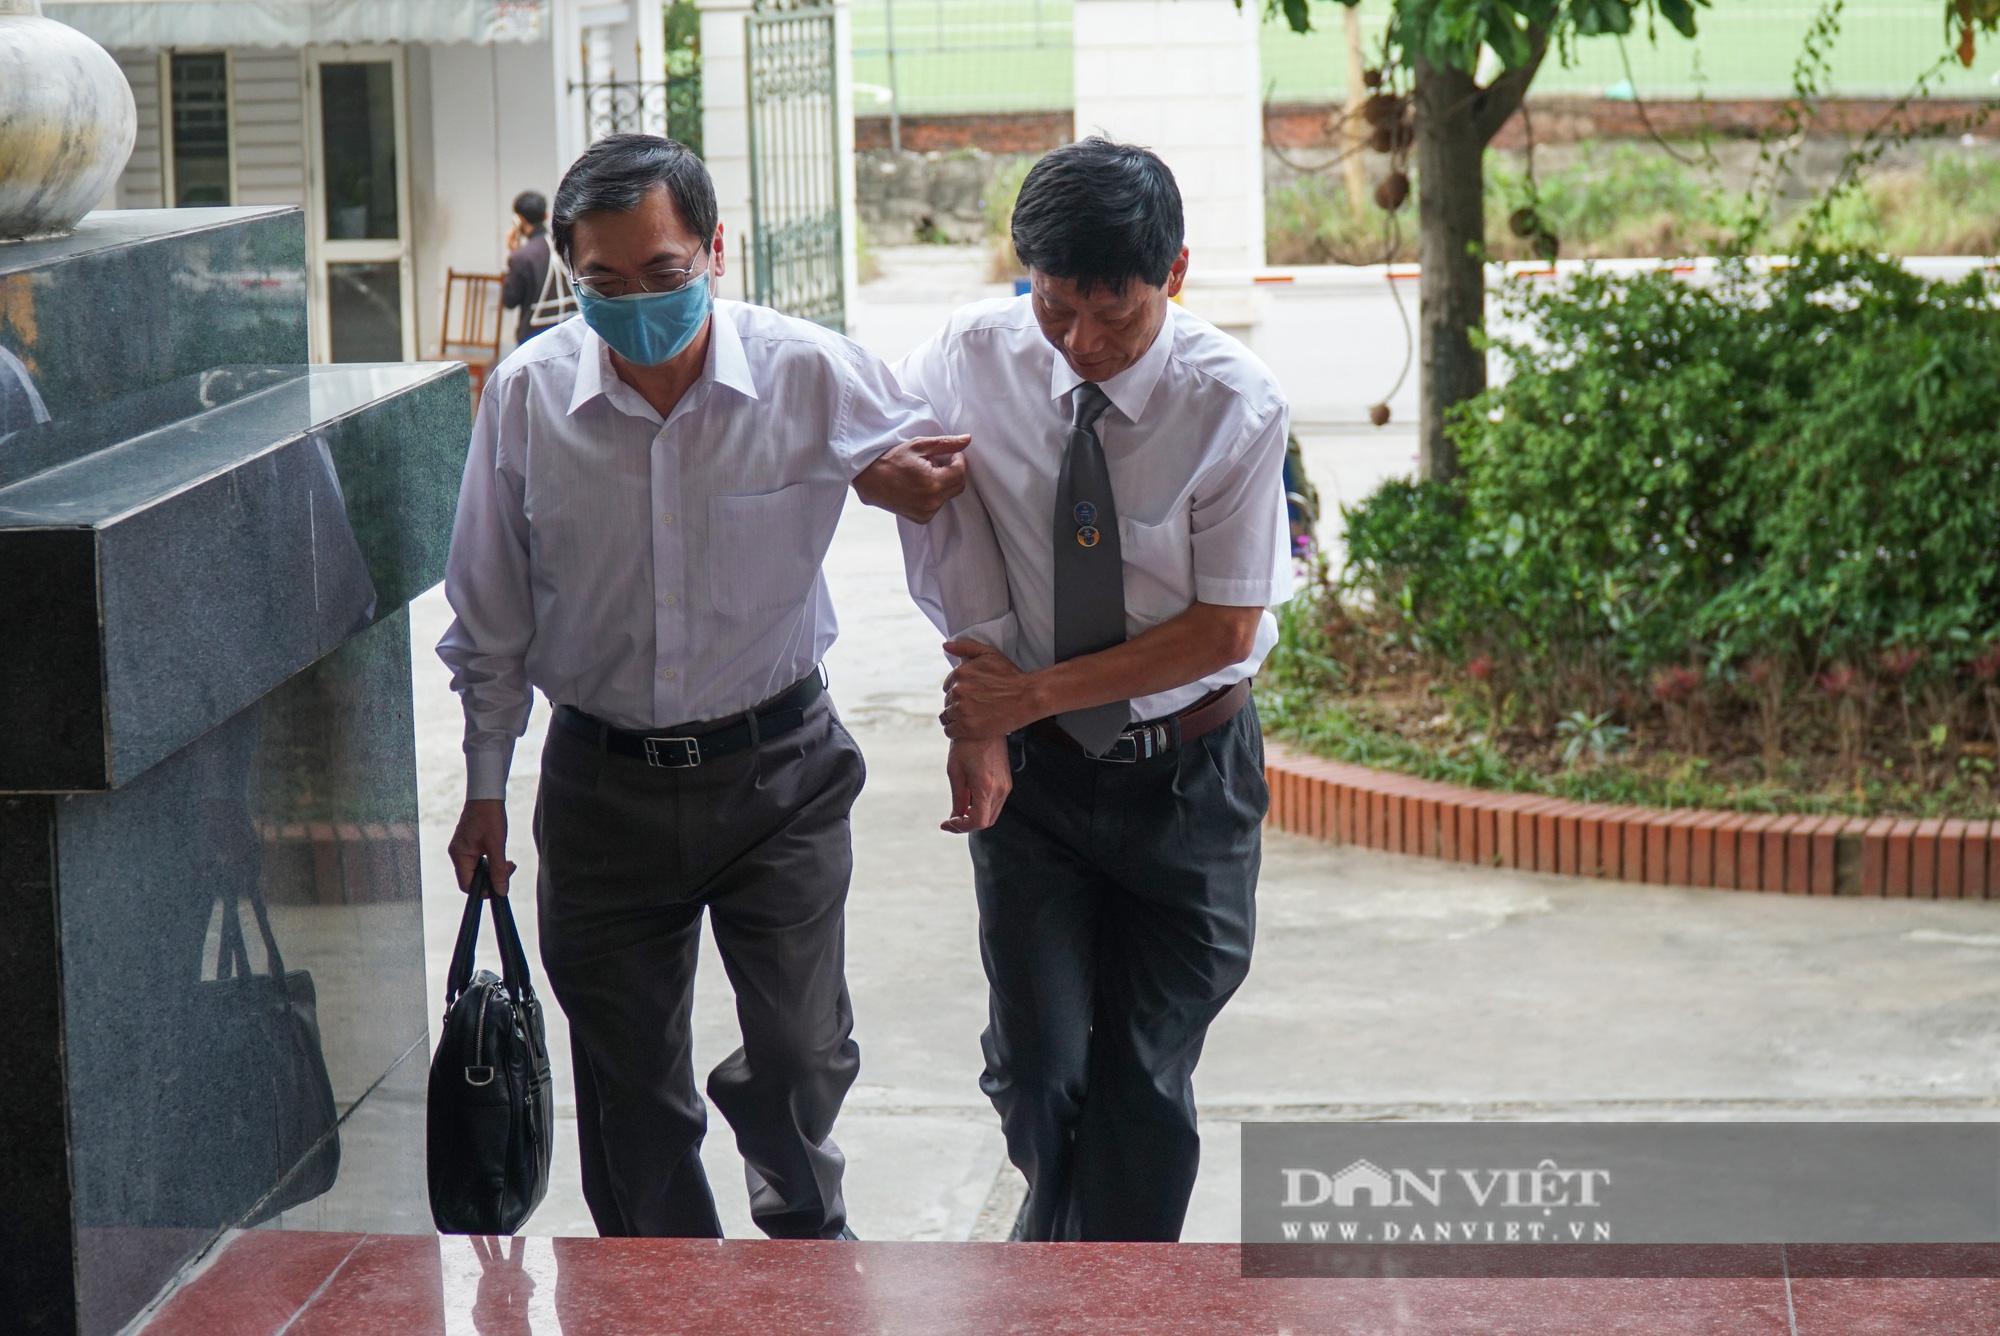 Cựu Bộ trưởng Vũ Huy Hoàng trông thế nào ở phiên xử lần thứ 3? - Ảnh 3.